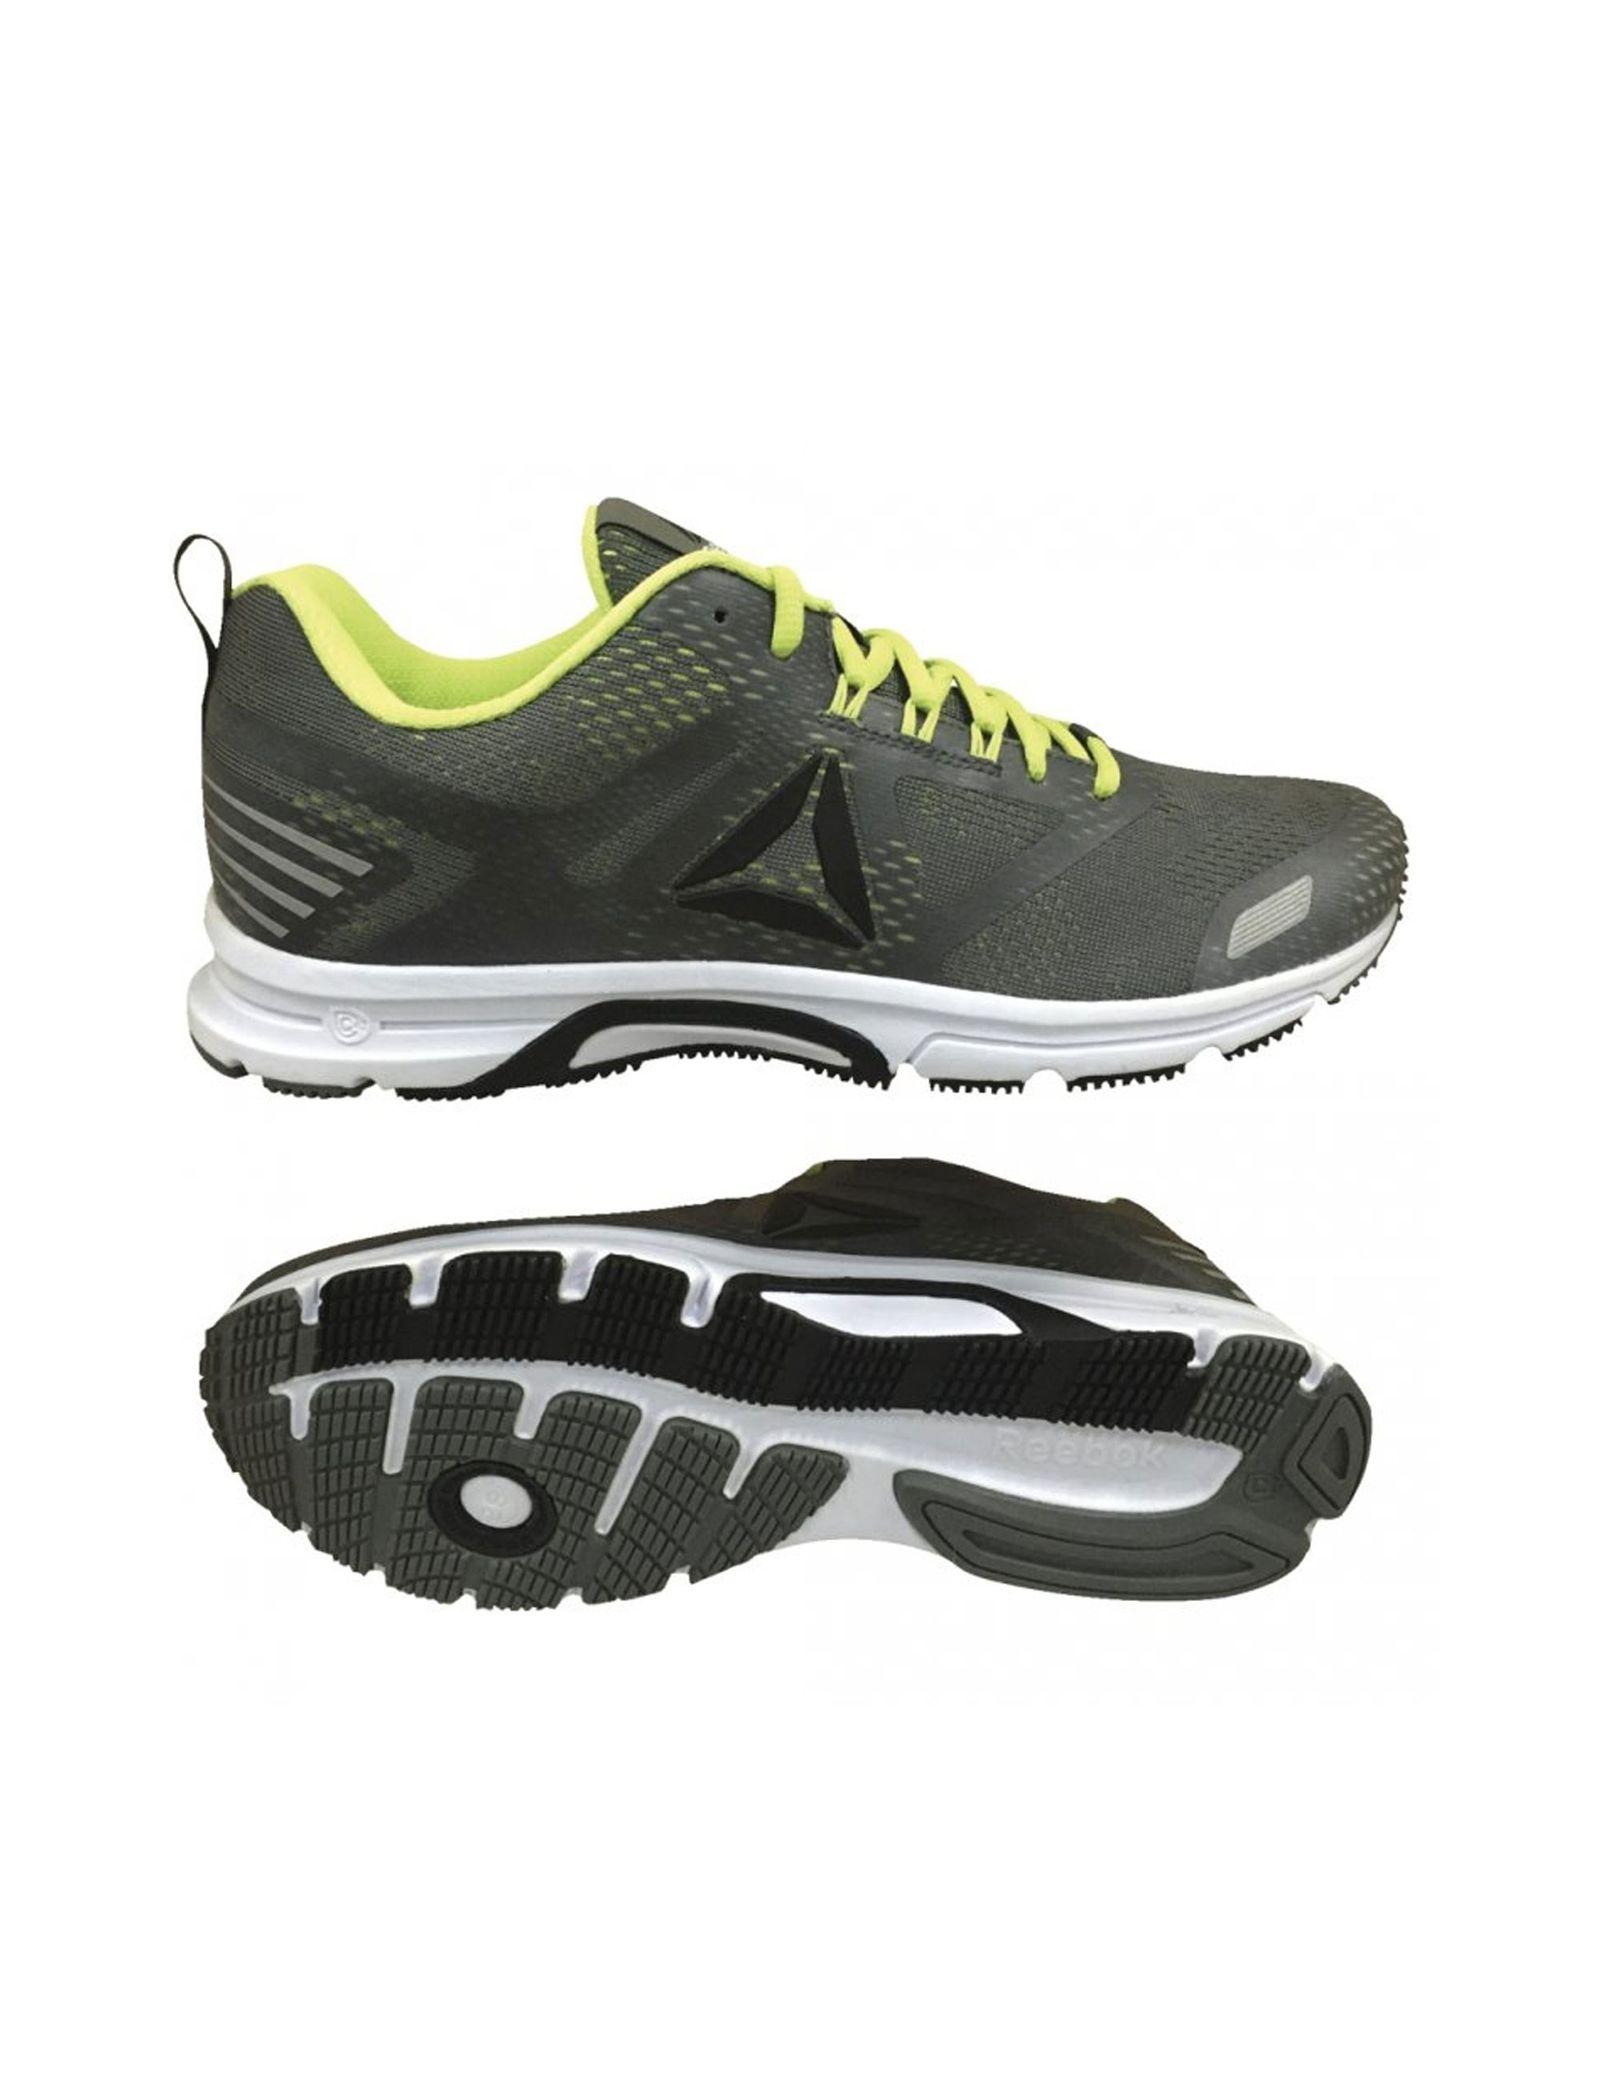 کفش مخصوص دویدن مردانه ریباک مدل Reebok Runner - طوسي - 2